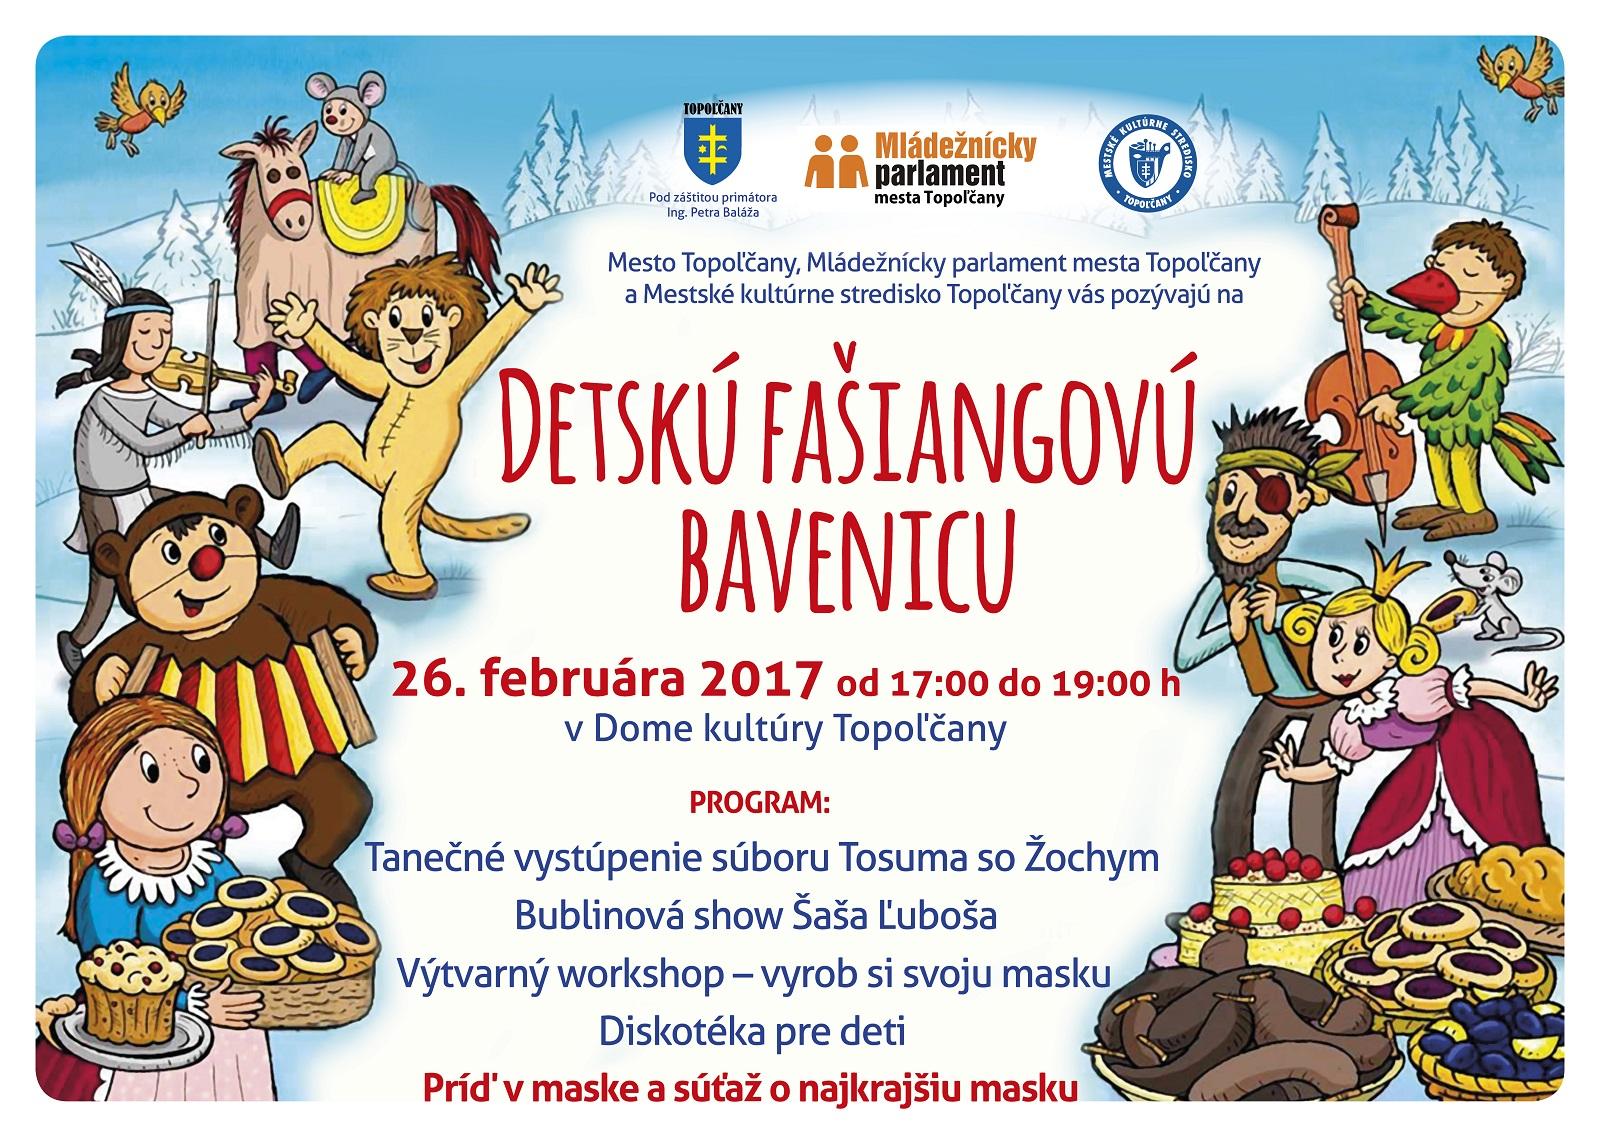 ca9b8d55e613a Neviete kam s deťmi počas studených dní? Určite skúste zájsť na Detskú  fašiangovú bavenicu v Topoľčanoch, ktorá bude plná zábavných predstavení a  ...